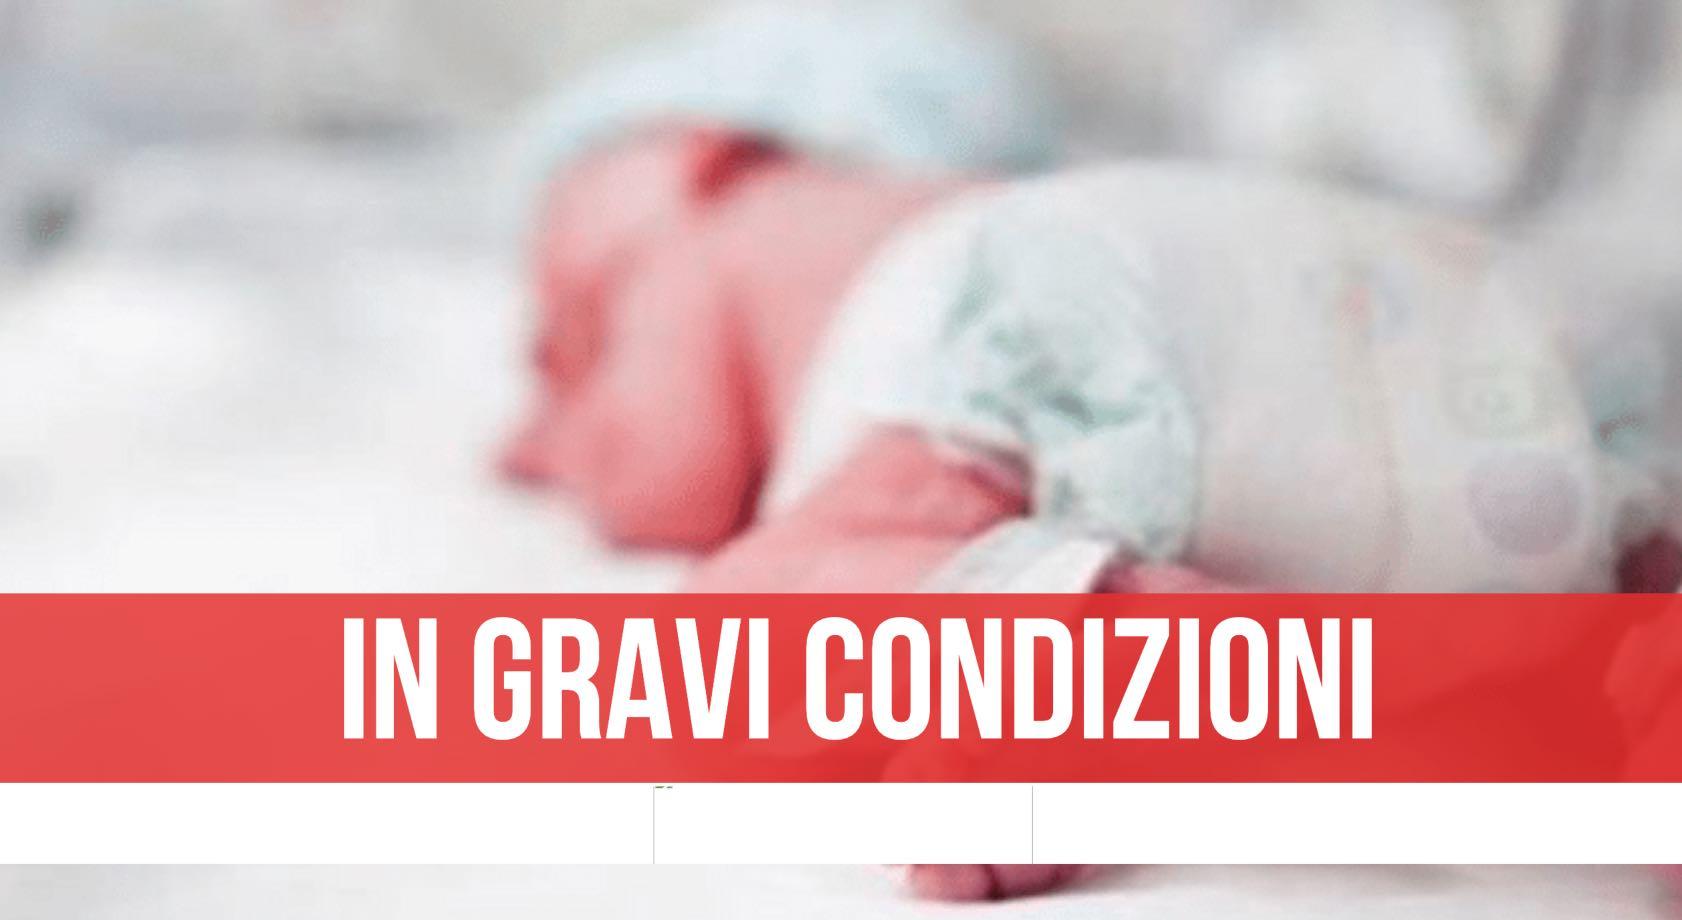 portici neonata ustioni santobono